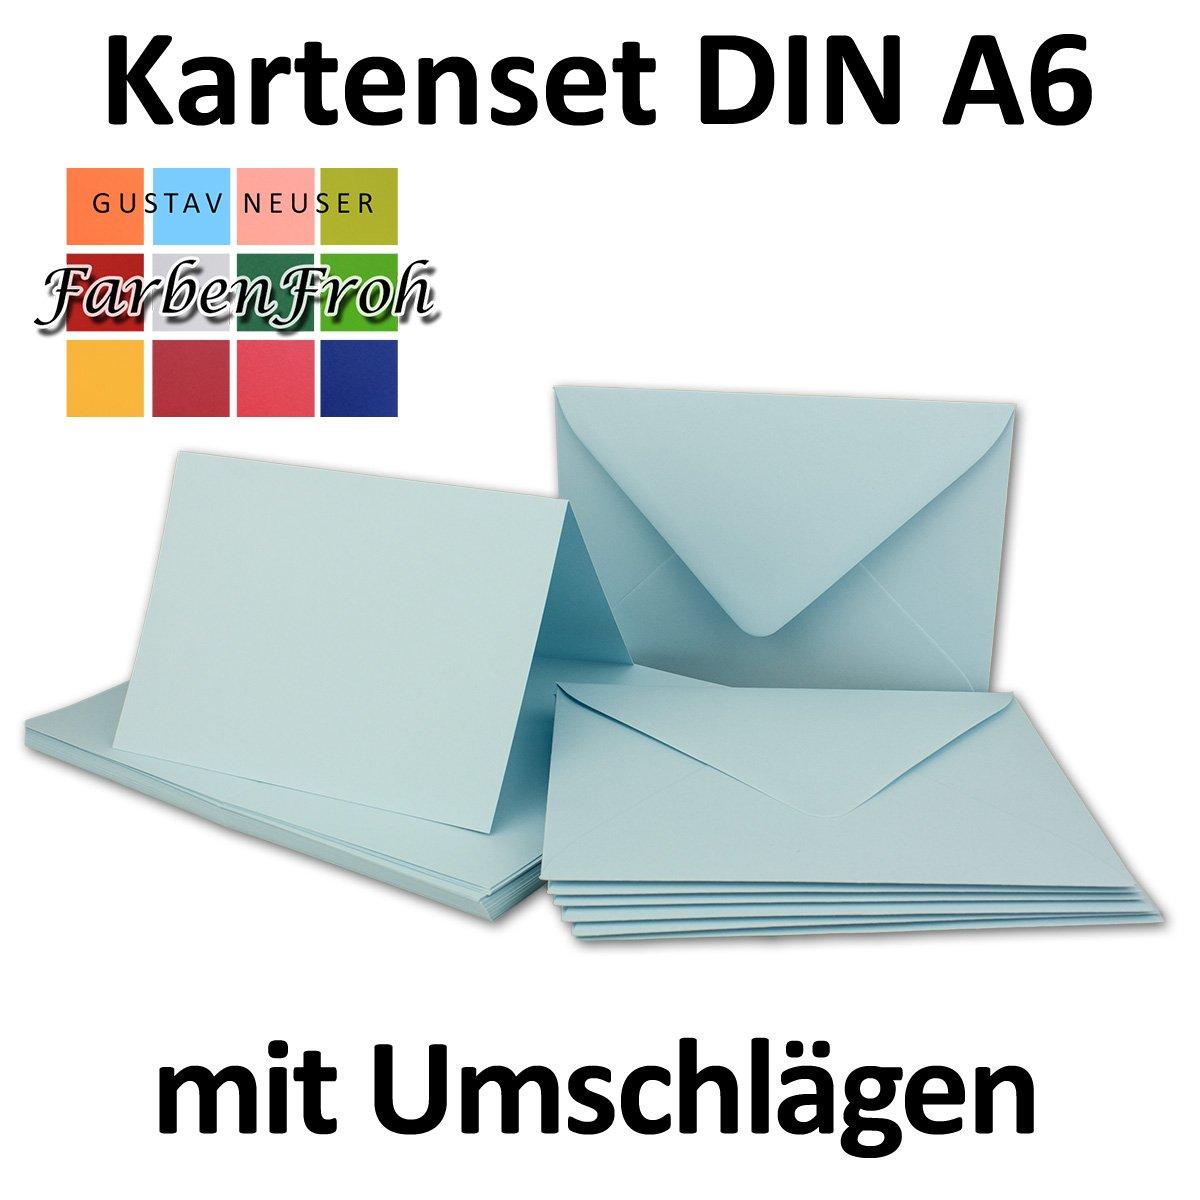 Faltkarten Set mit Brief-Umschlägen DIN A6   C6 in in in Rosanrot   100 Sets   14,8 x 10,5 cm   Premium Qualität   Serie FarbenFroh® B076T5PMLX | Am wirtschaftlichsten  df76e8